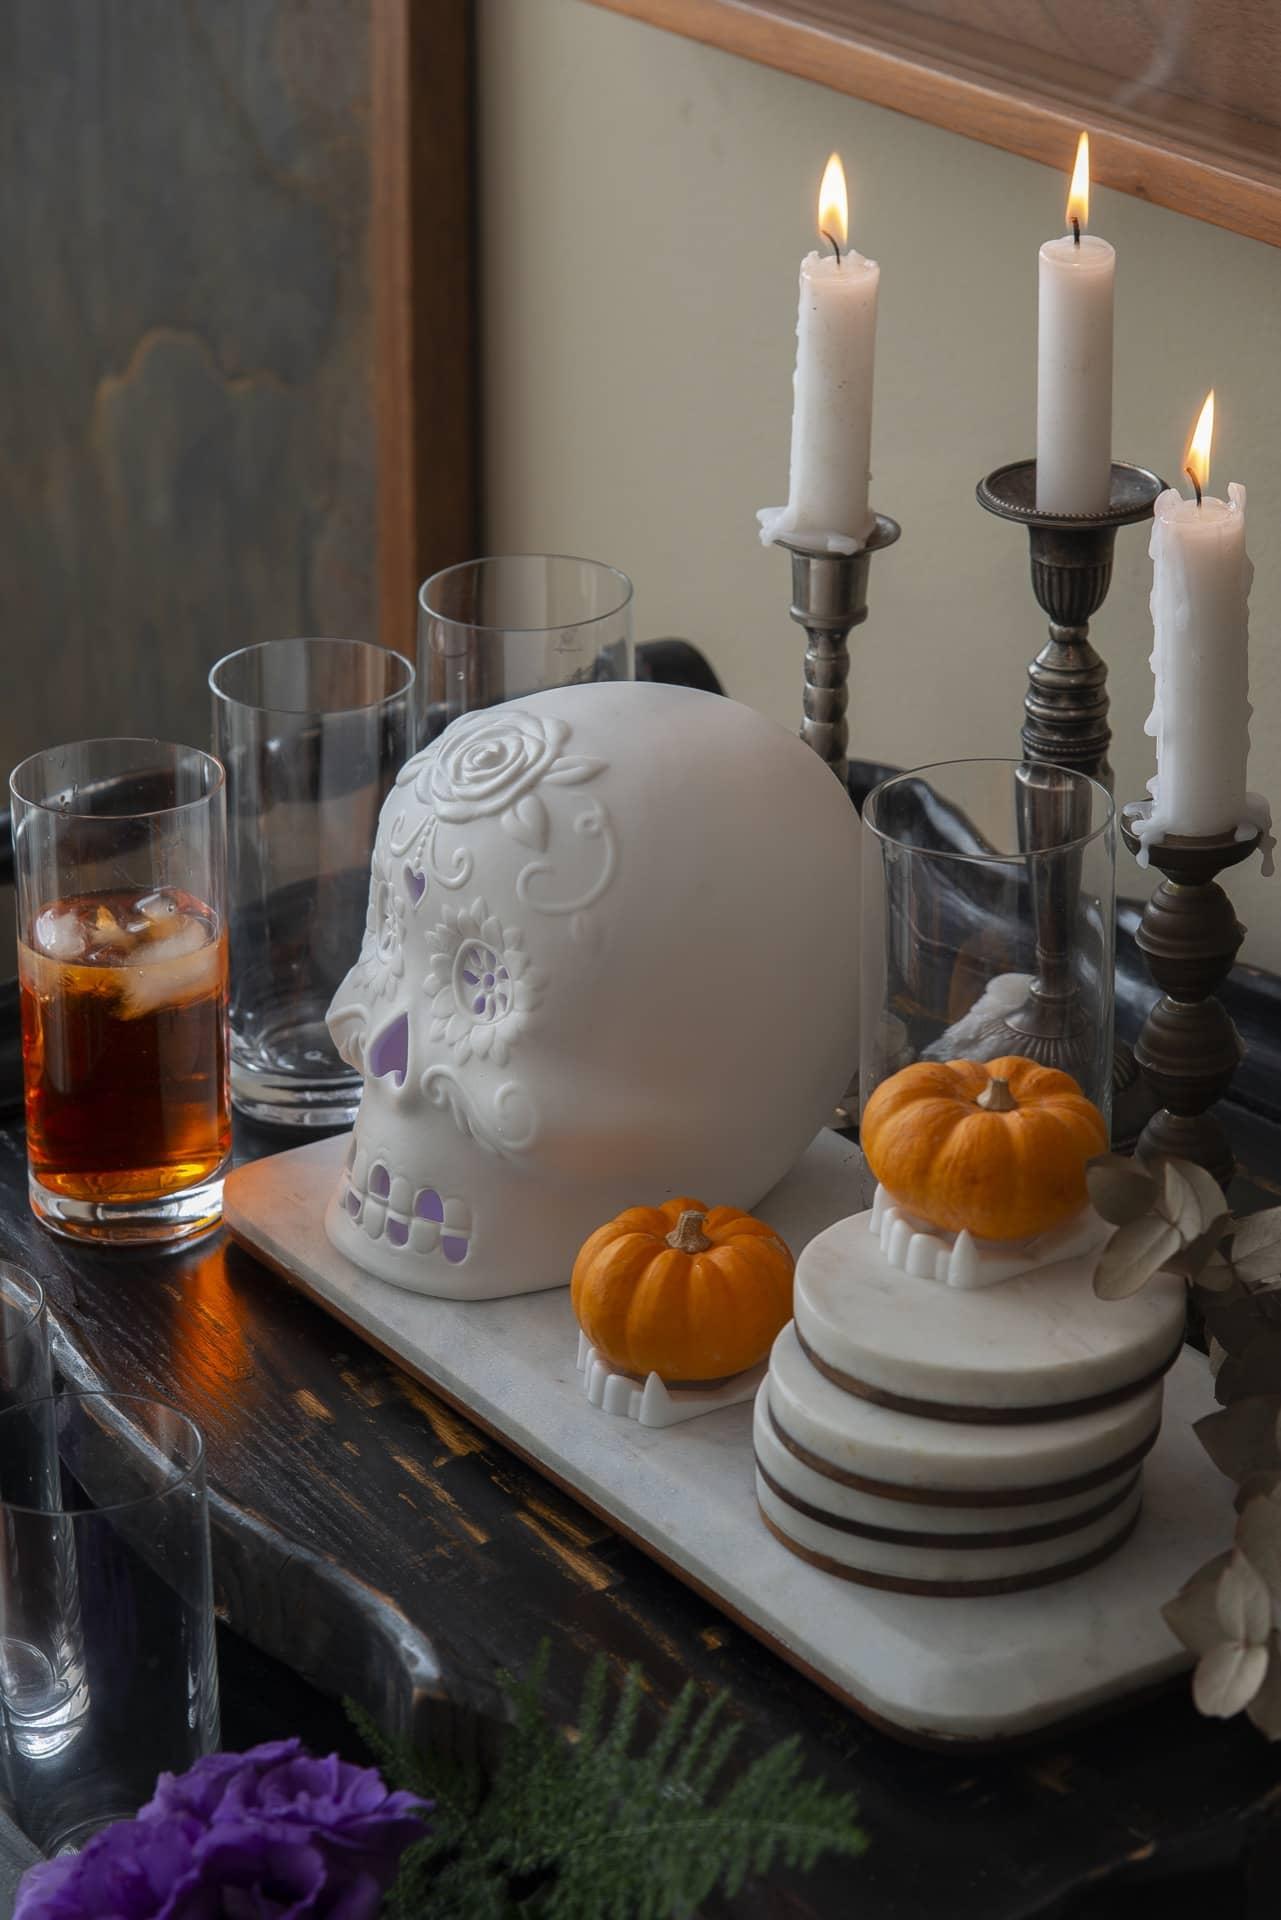 Caveira estilizada, branca e lilás, aparece cercada por quatro copos, duas abóboras miniatura, e três castiças com velas brancas.